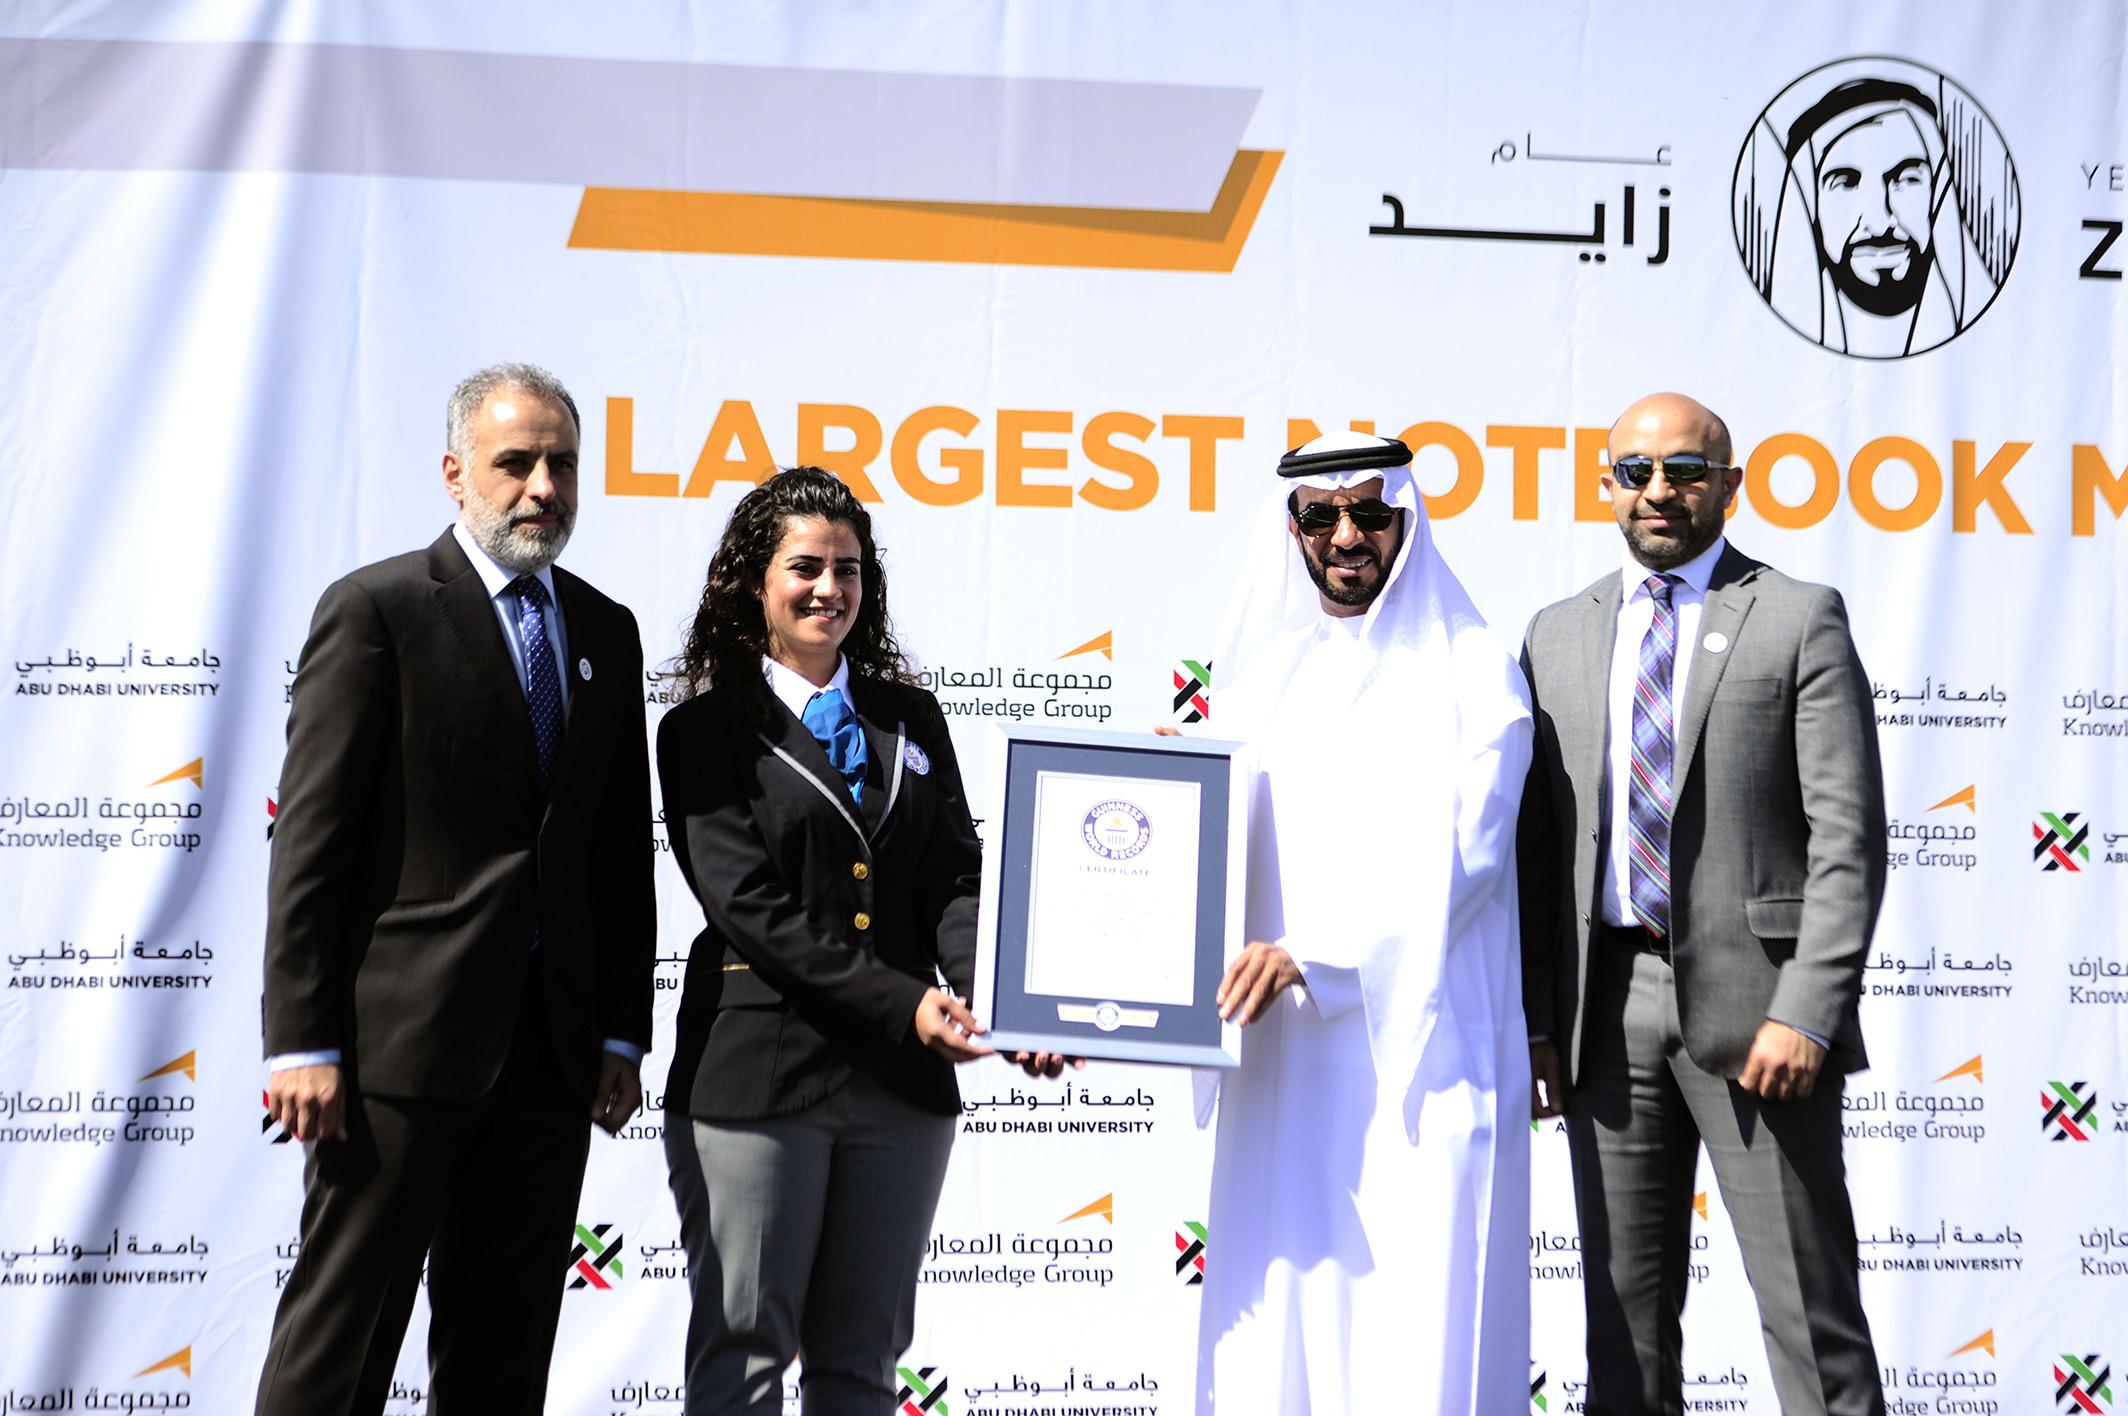 جامعة الامارات تدخل موسوعة جينيس بأكبر فسيفساء ورقية - دوت امارات